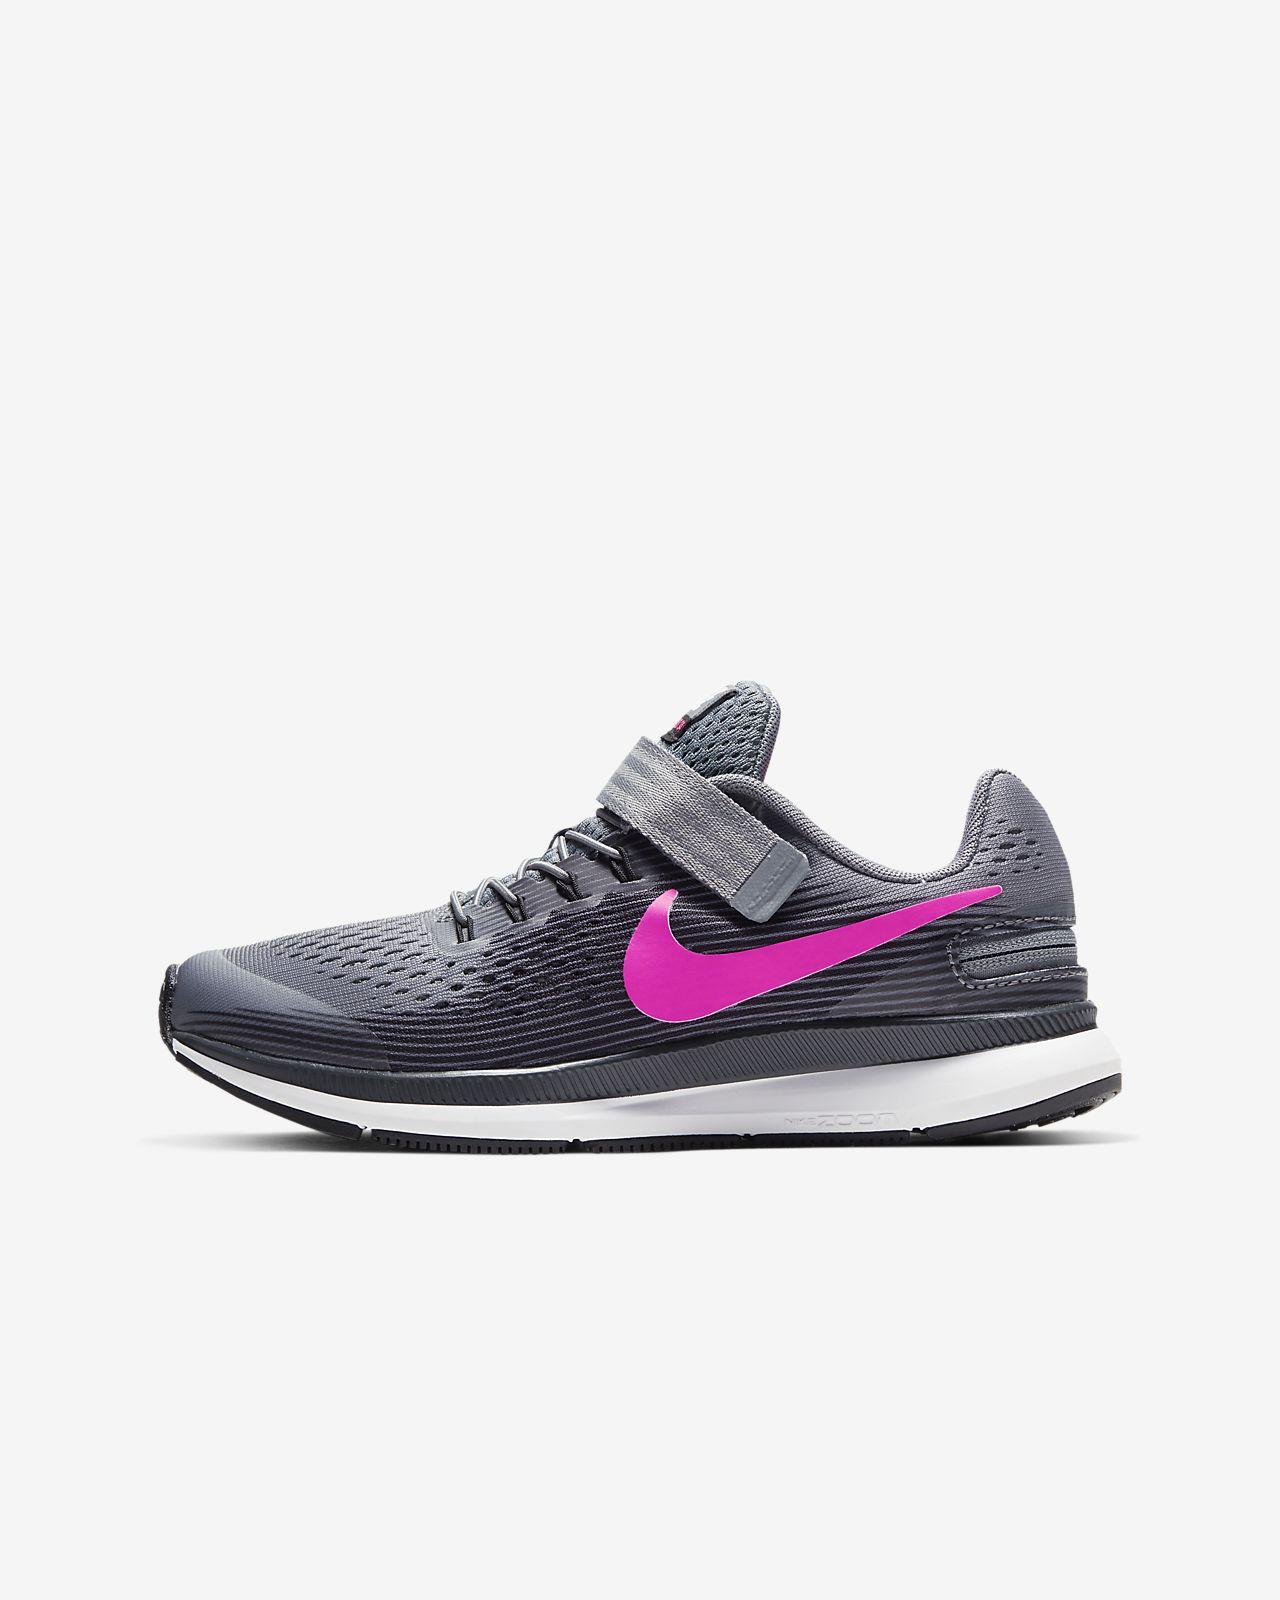 972c7c3e ... Беговые кроссовки для дошкольников/школьников Nike Zoom Pegasus 34  FlyEase